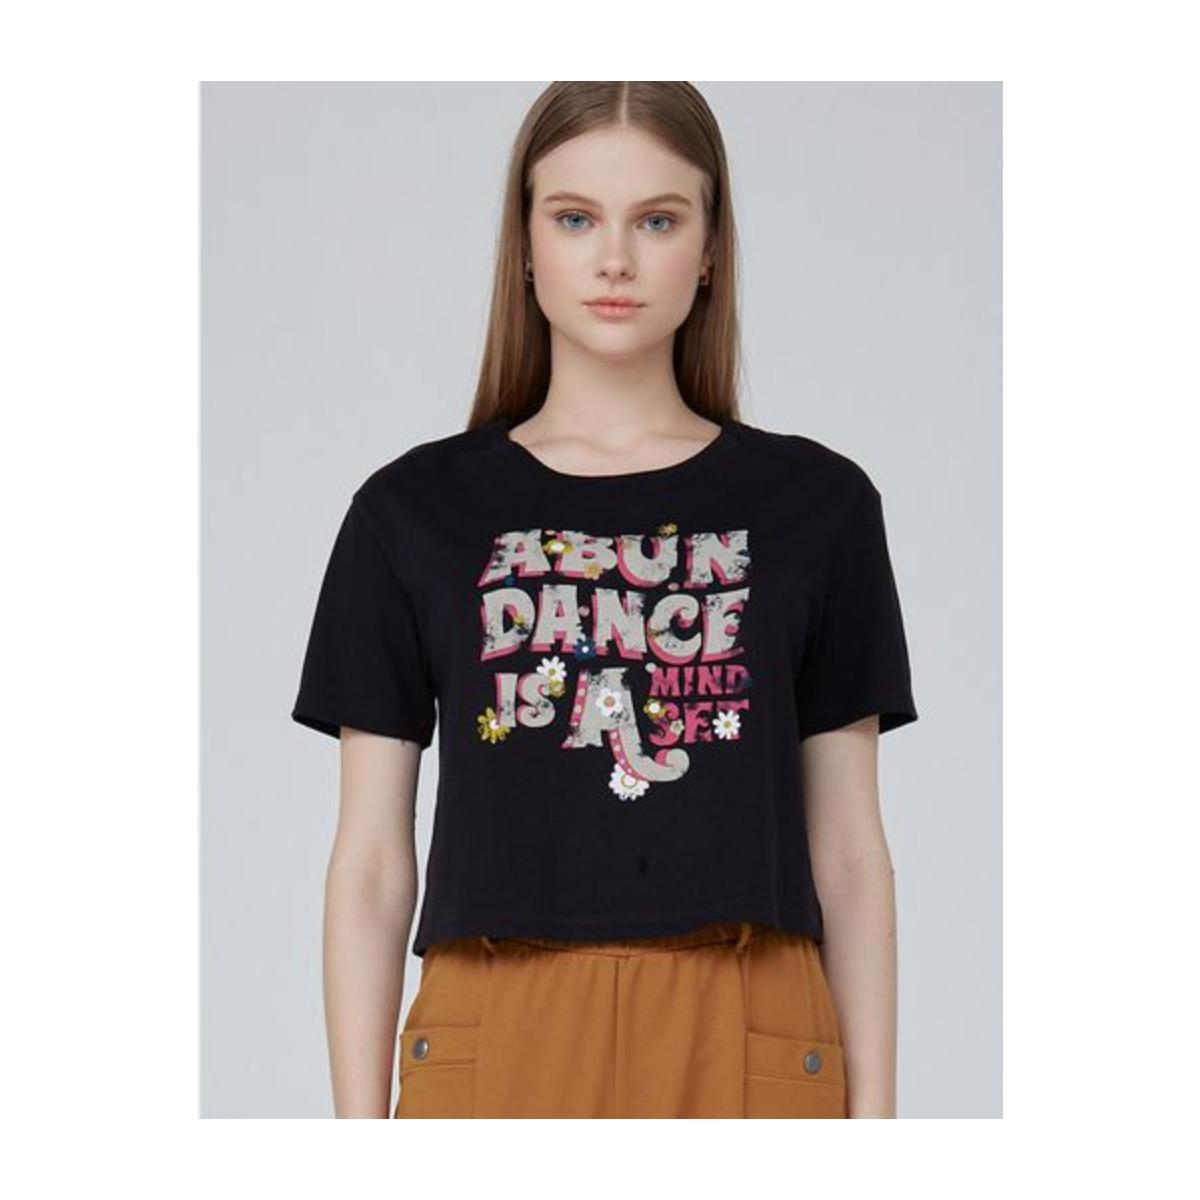 T-shirt Feminino Dzarm 6ryj N10en Preto